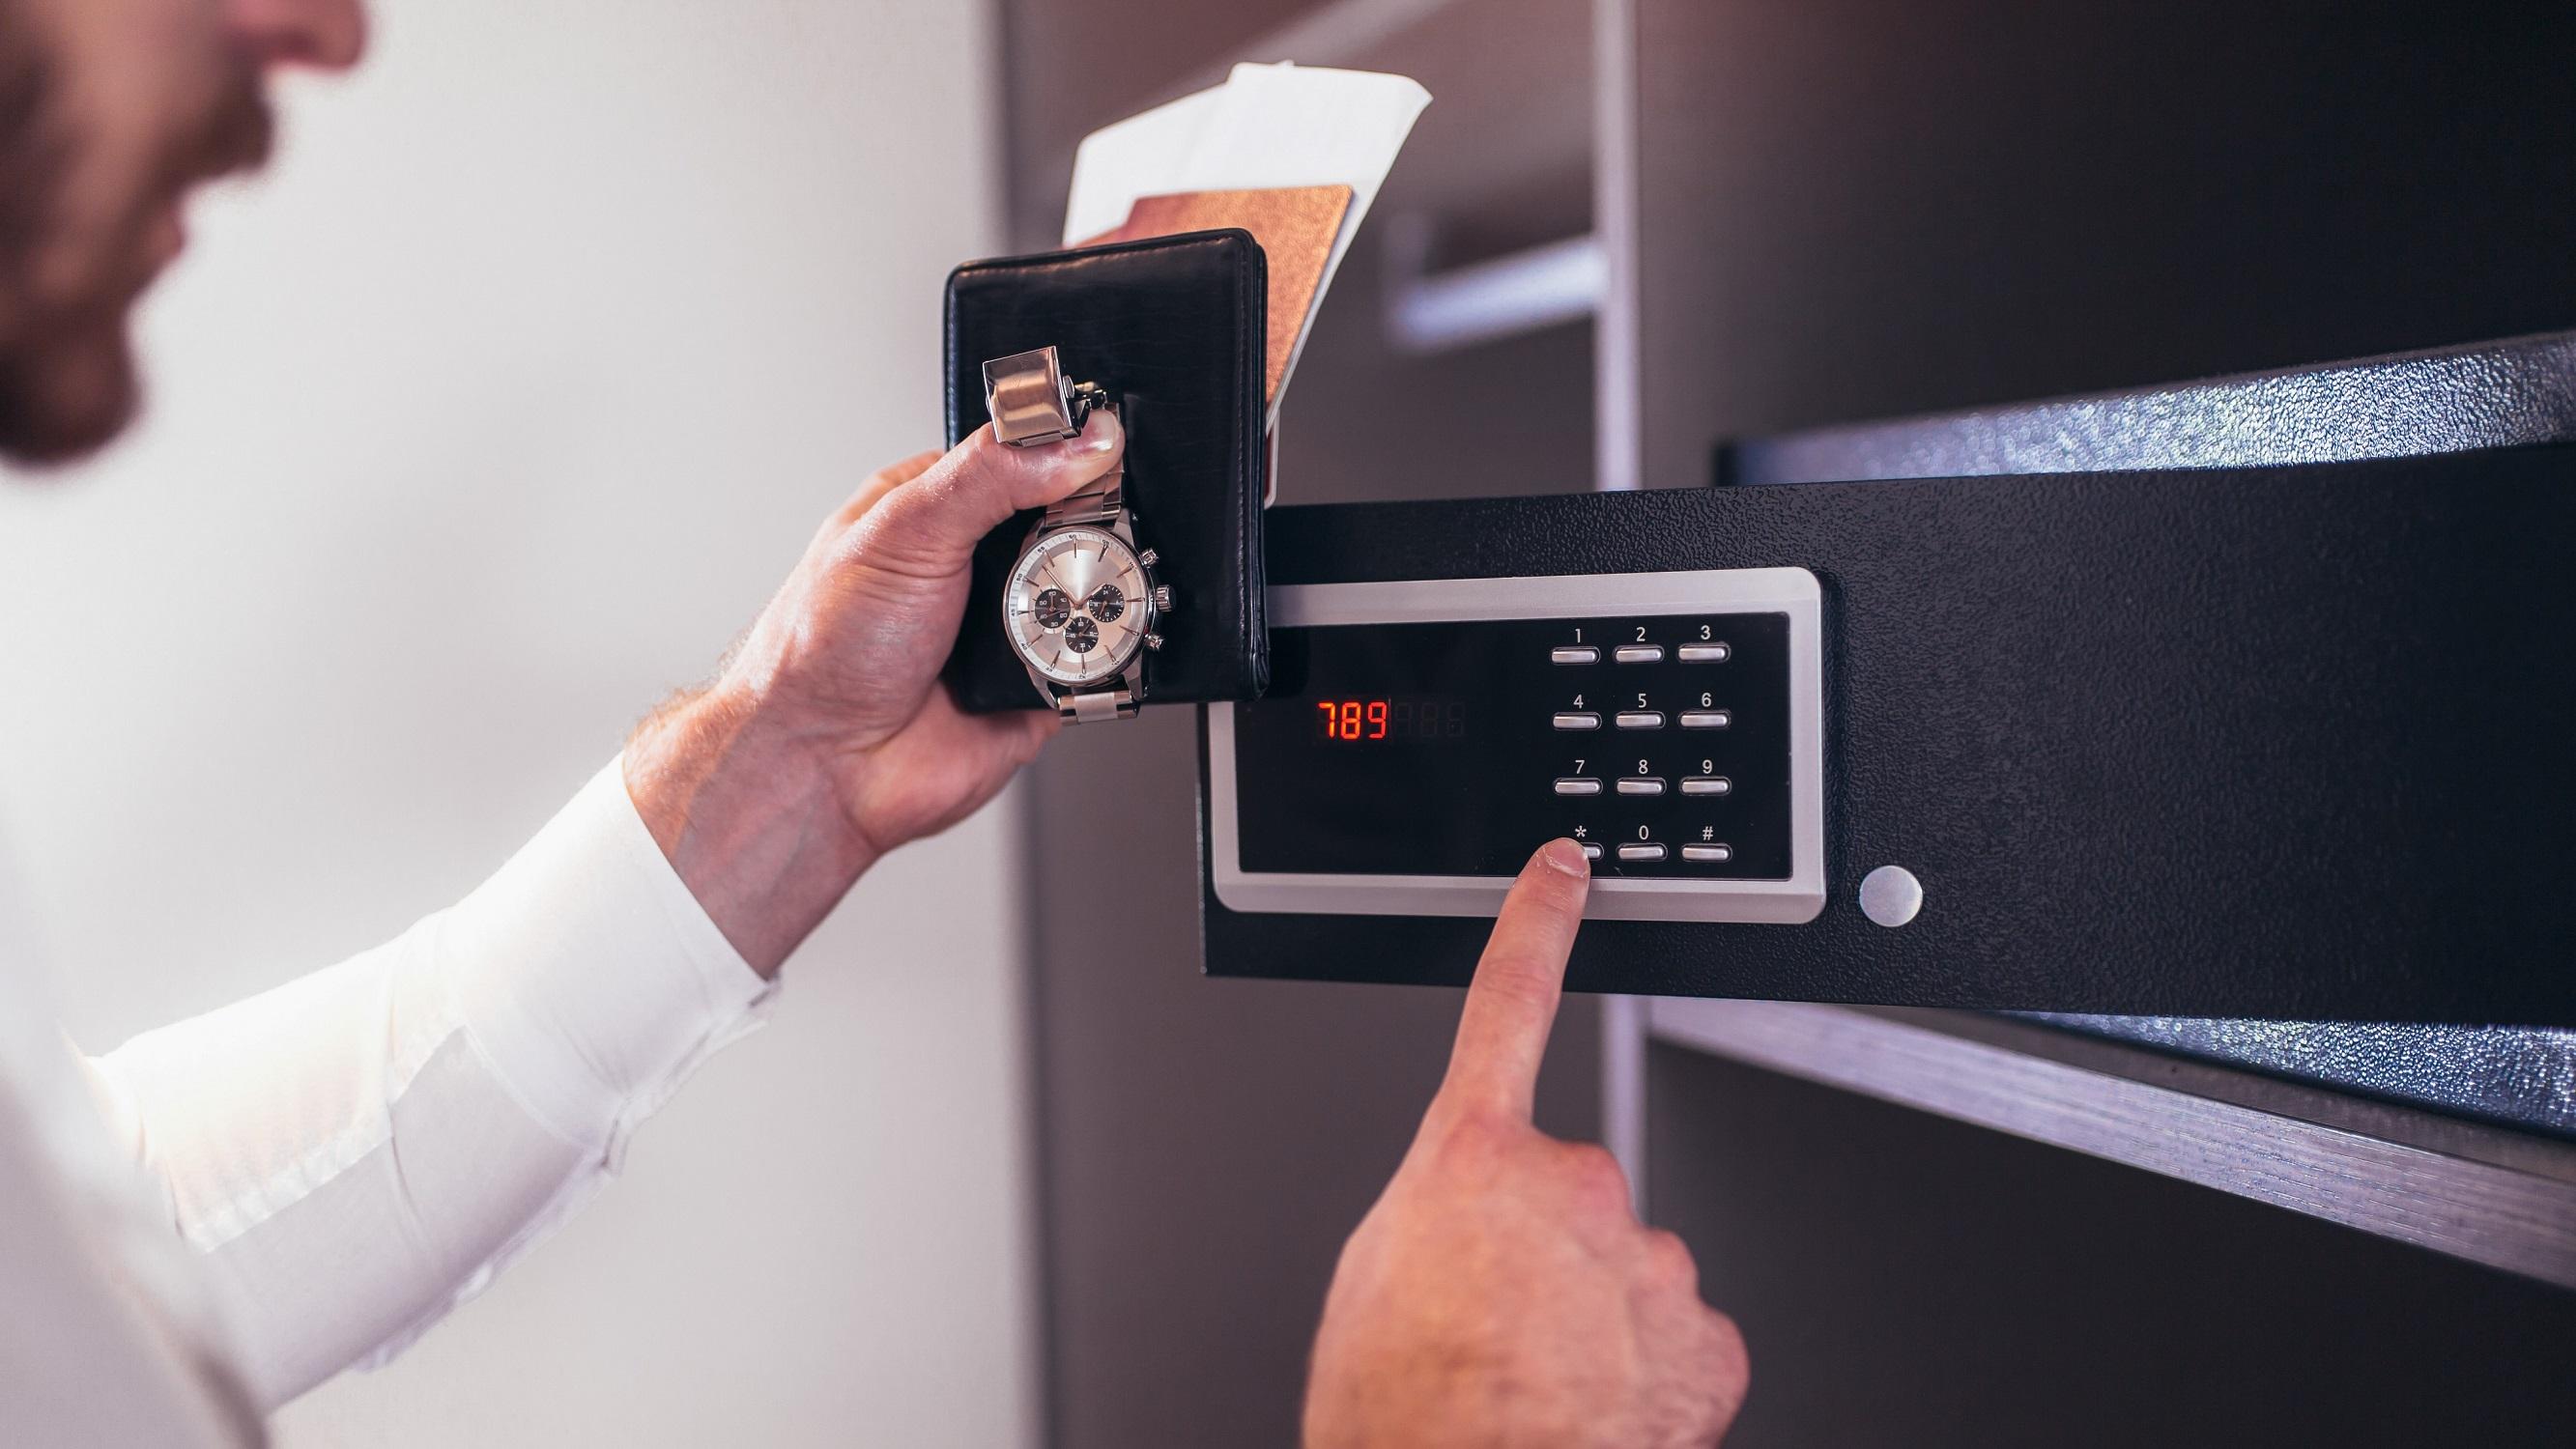 Tökéletes rejtekhelyek otthonodba – 3+1 tipp, hogy kincseid biztonságban legyenek!